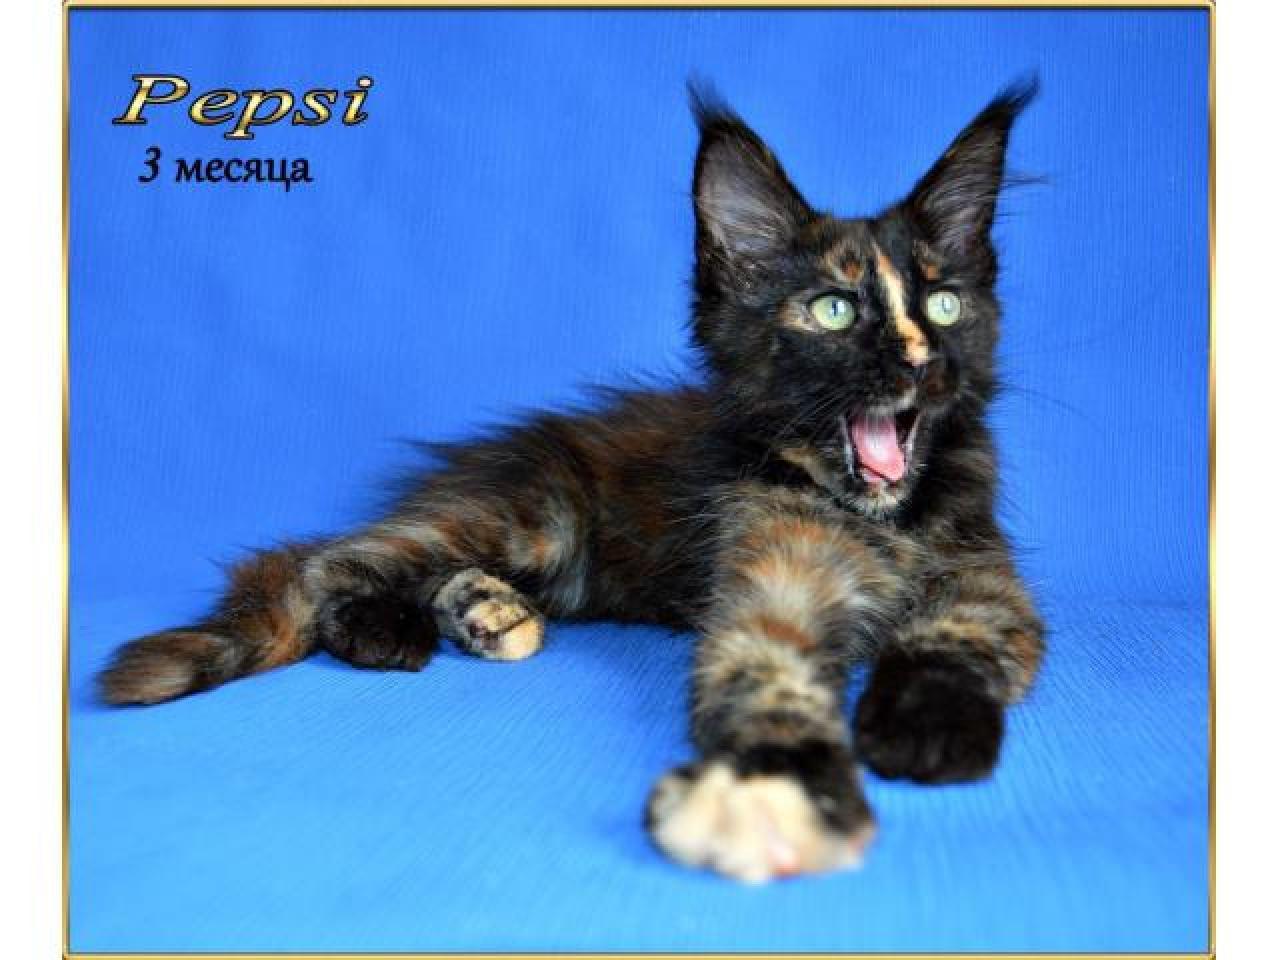 Мейн кун котята - 3